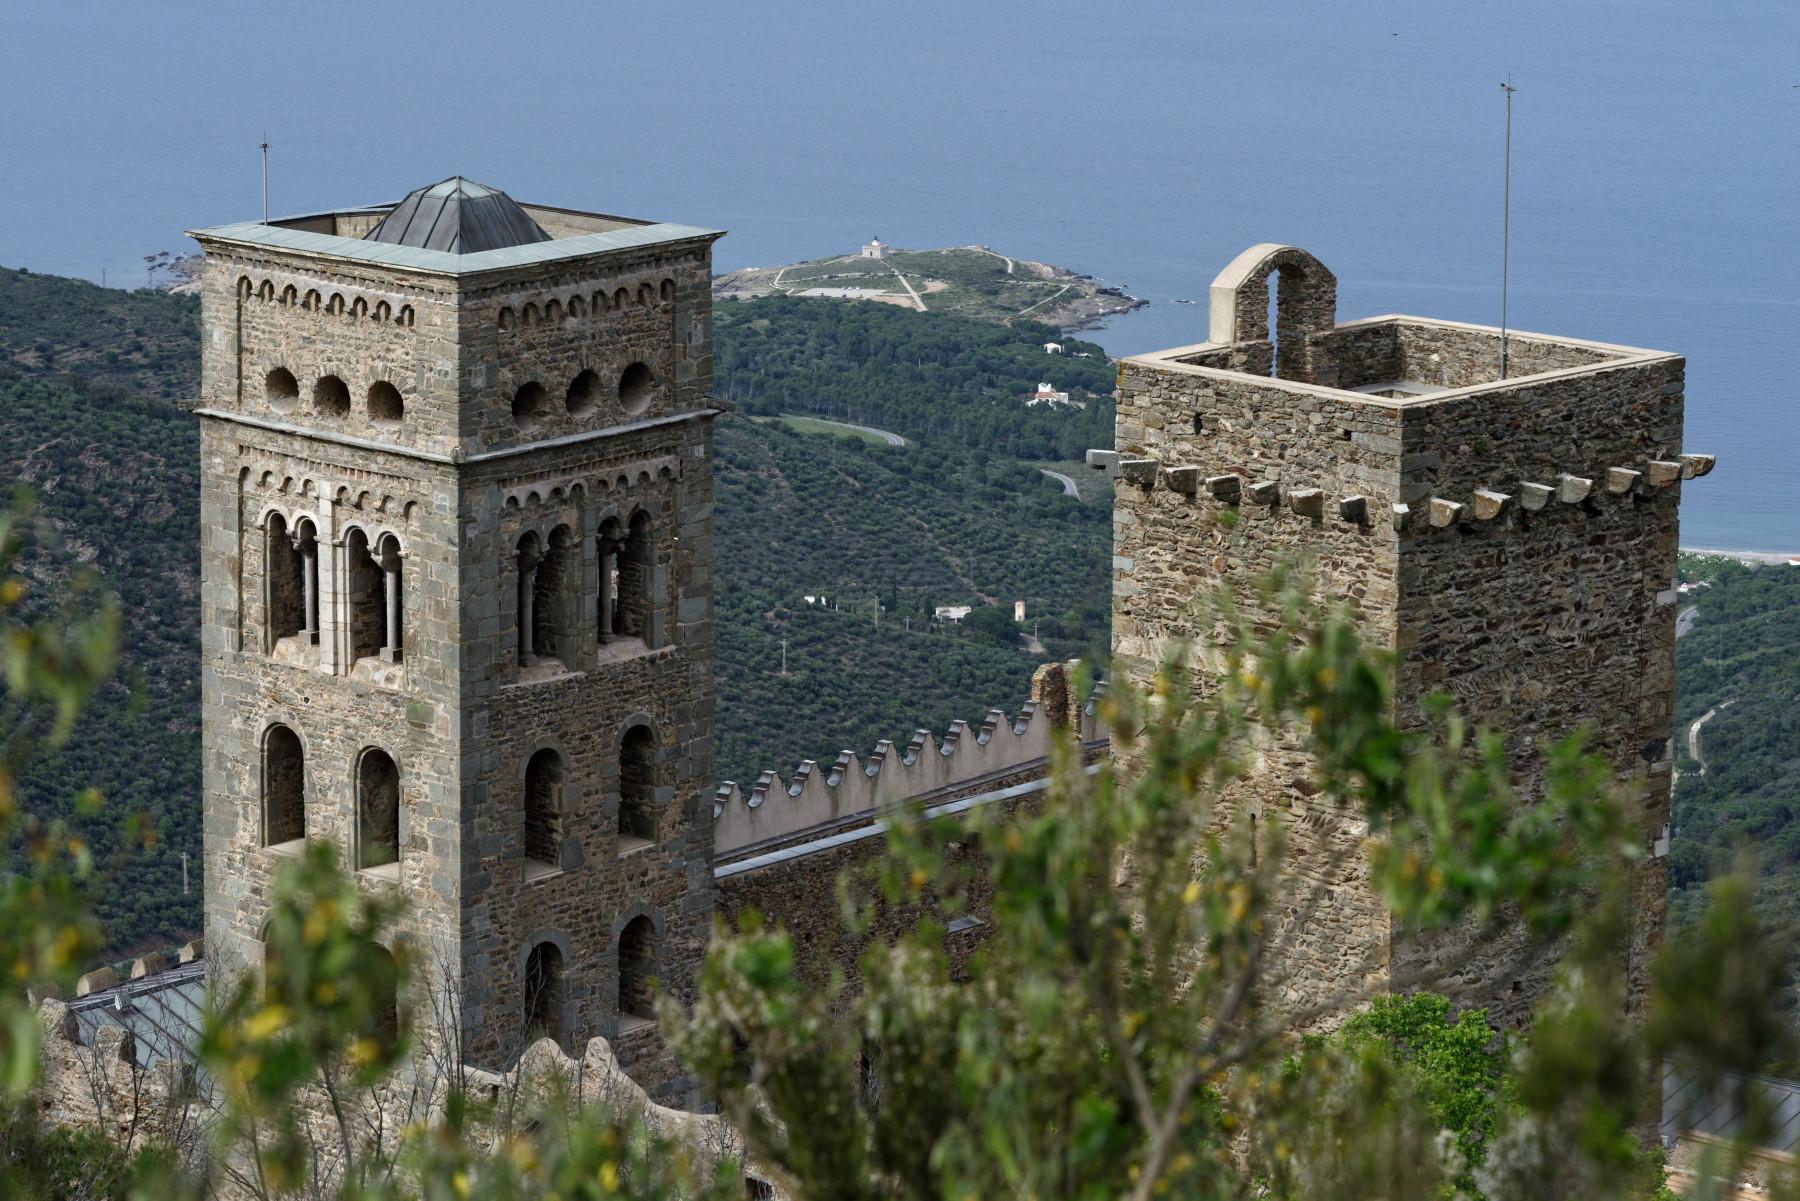 180430-3-Monestir de sant Pedre de Rodes (28) (Catalogne-Espagne)